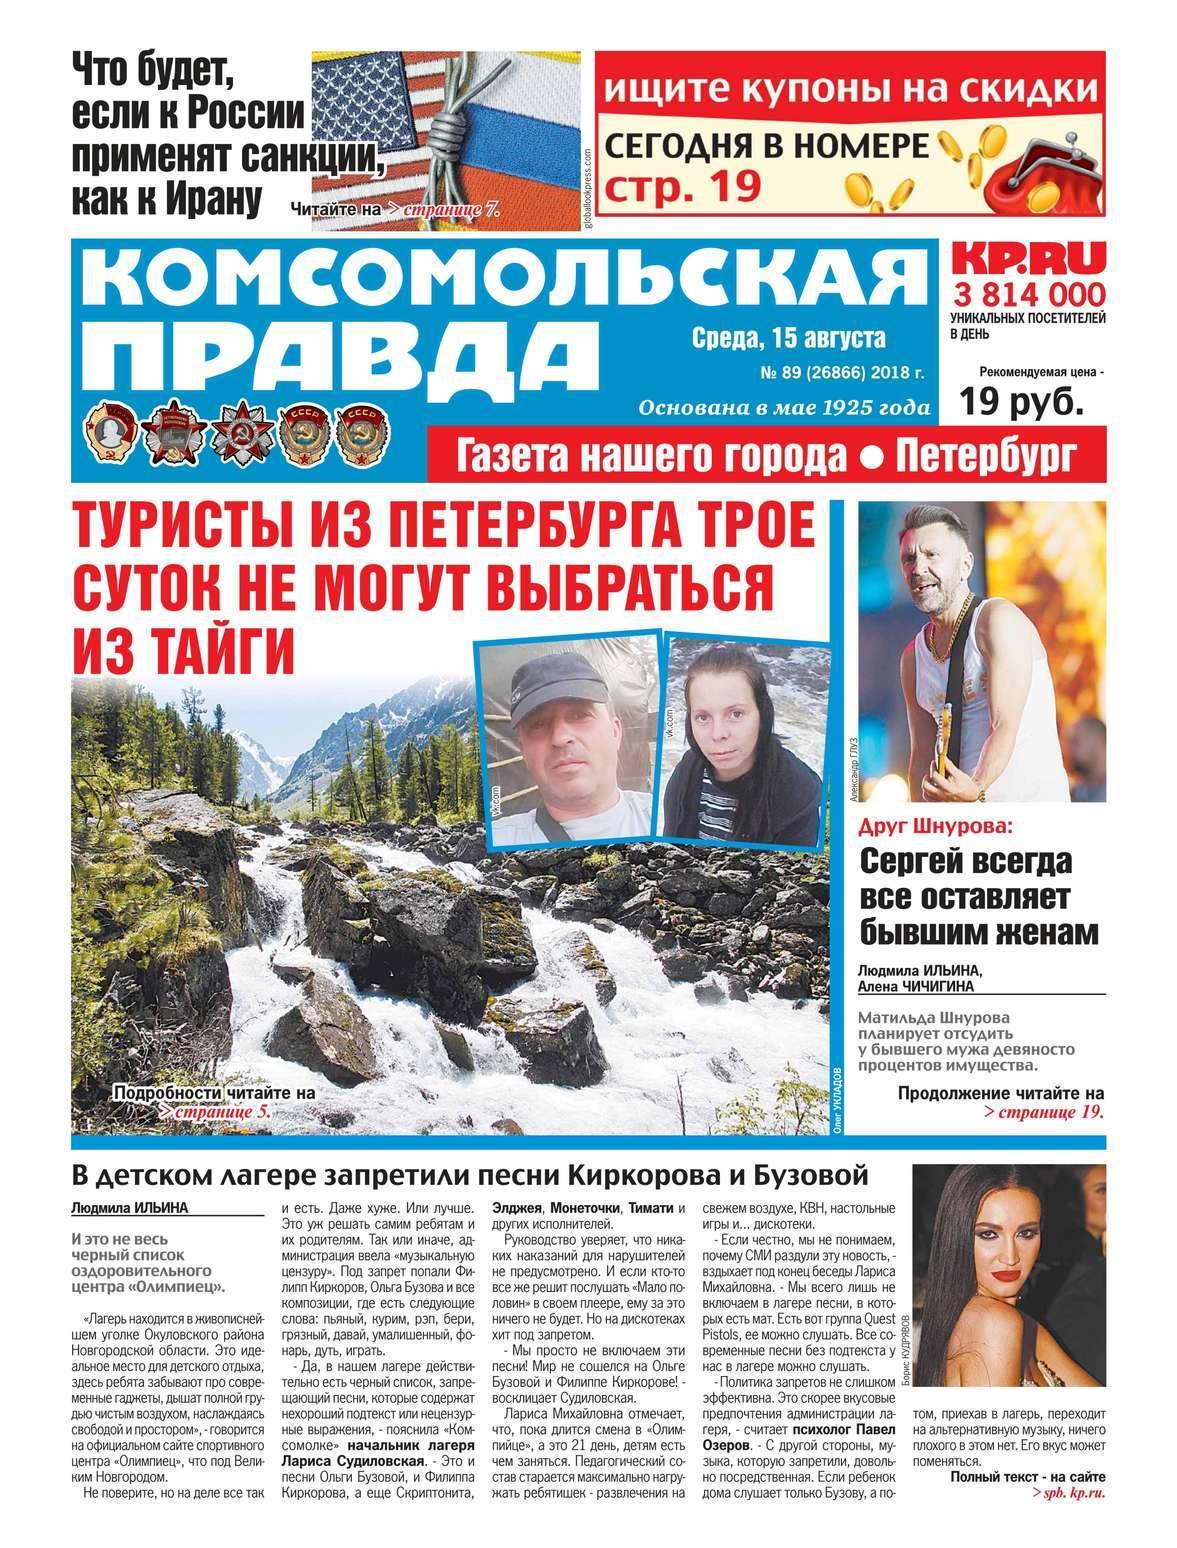 Редакция газеты Комсомольская правда. - Комсомольская Правда. - 89-2018